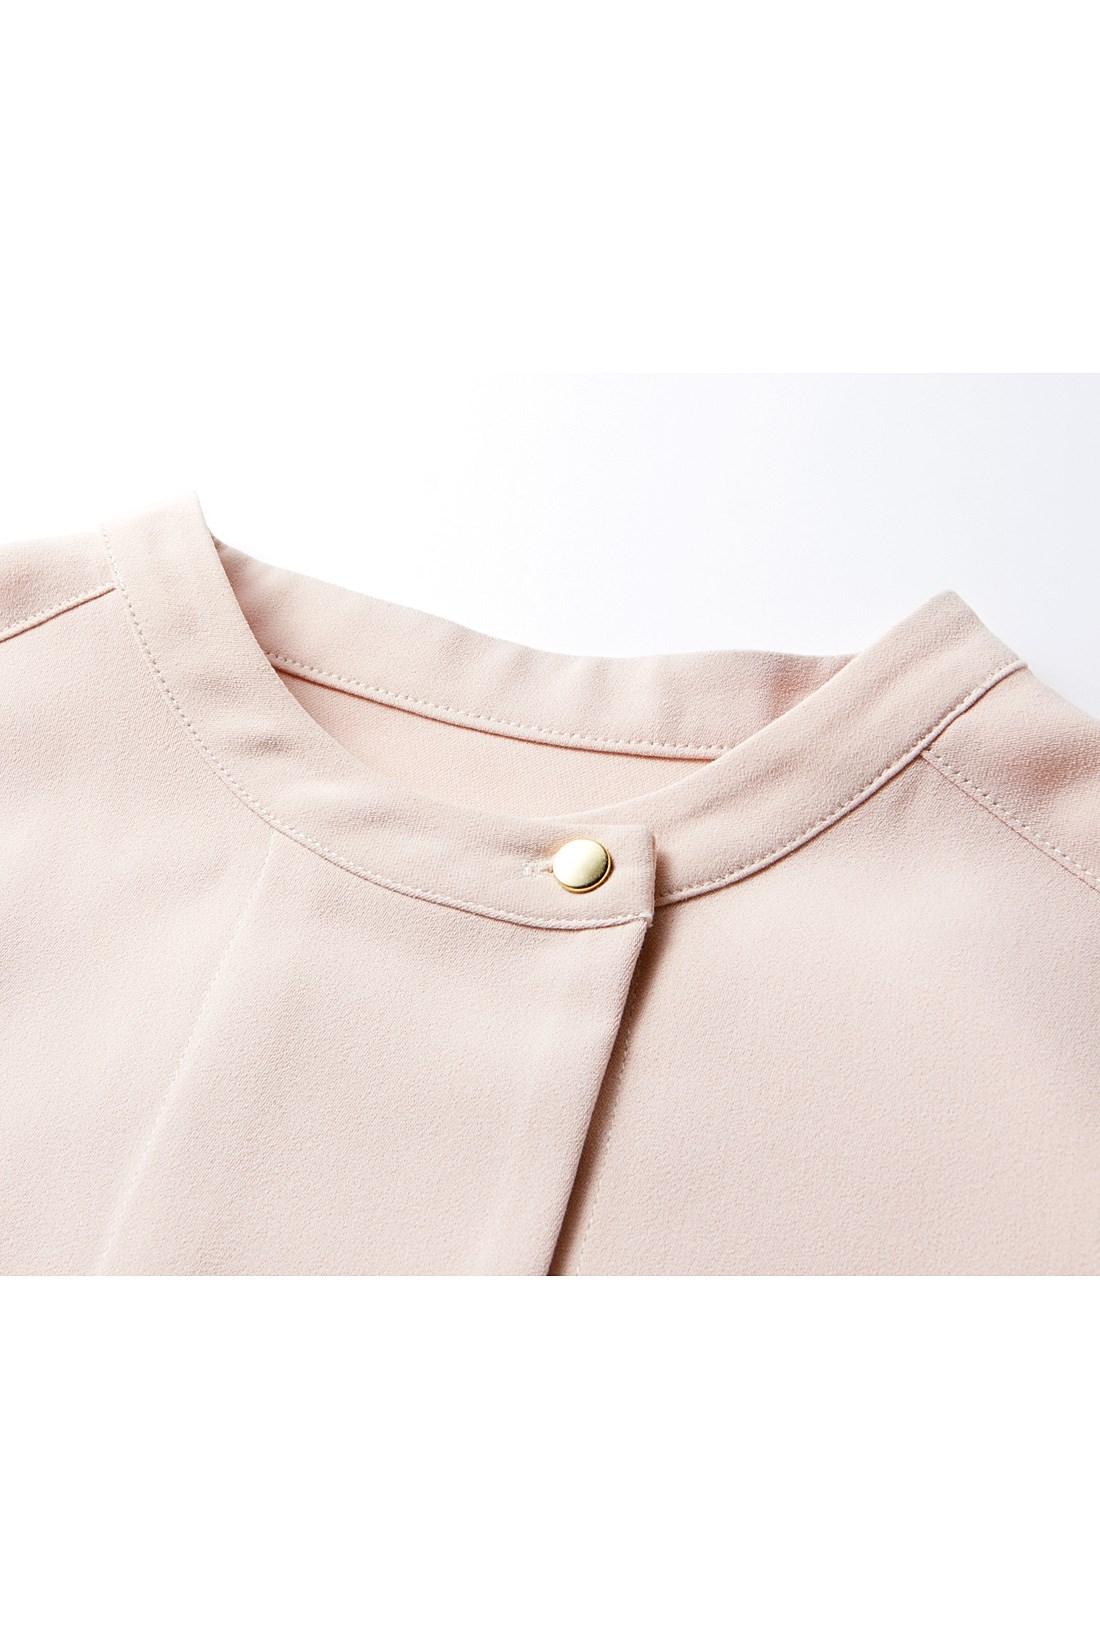 衿もとのゴールドボタンが上品な印象。 ※お届けするカラーとは異なります